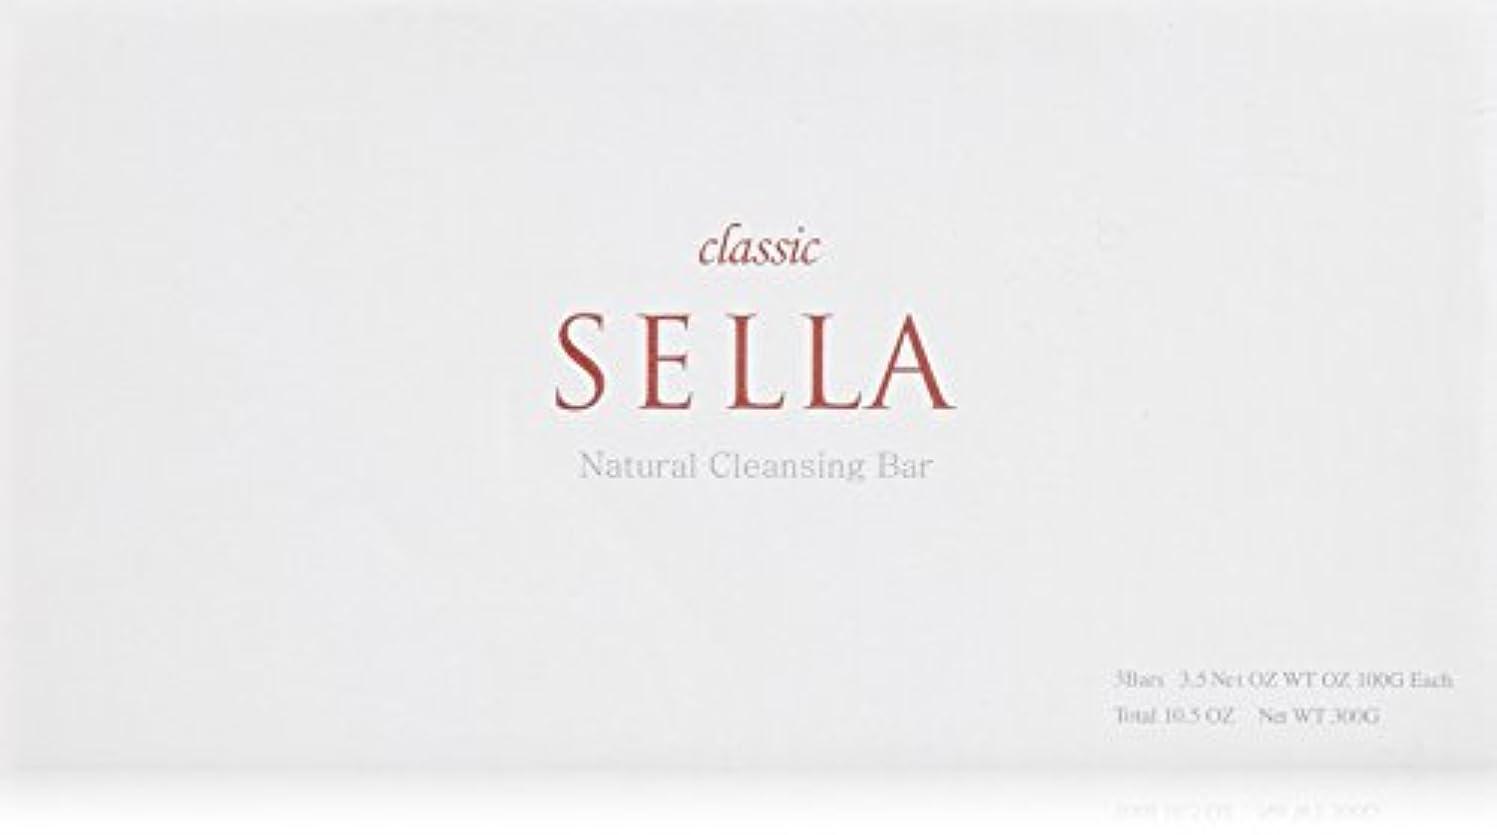 変形誘惑誕生SELLA(セラ) クラシック nanoクレンジングバー  3個SET